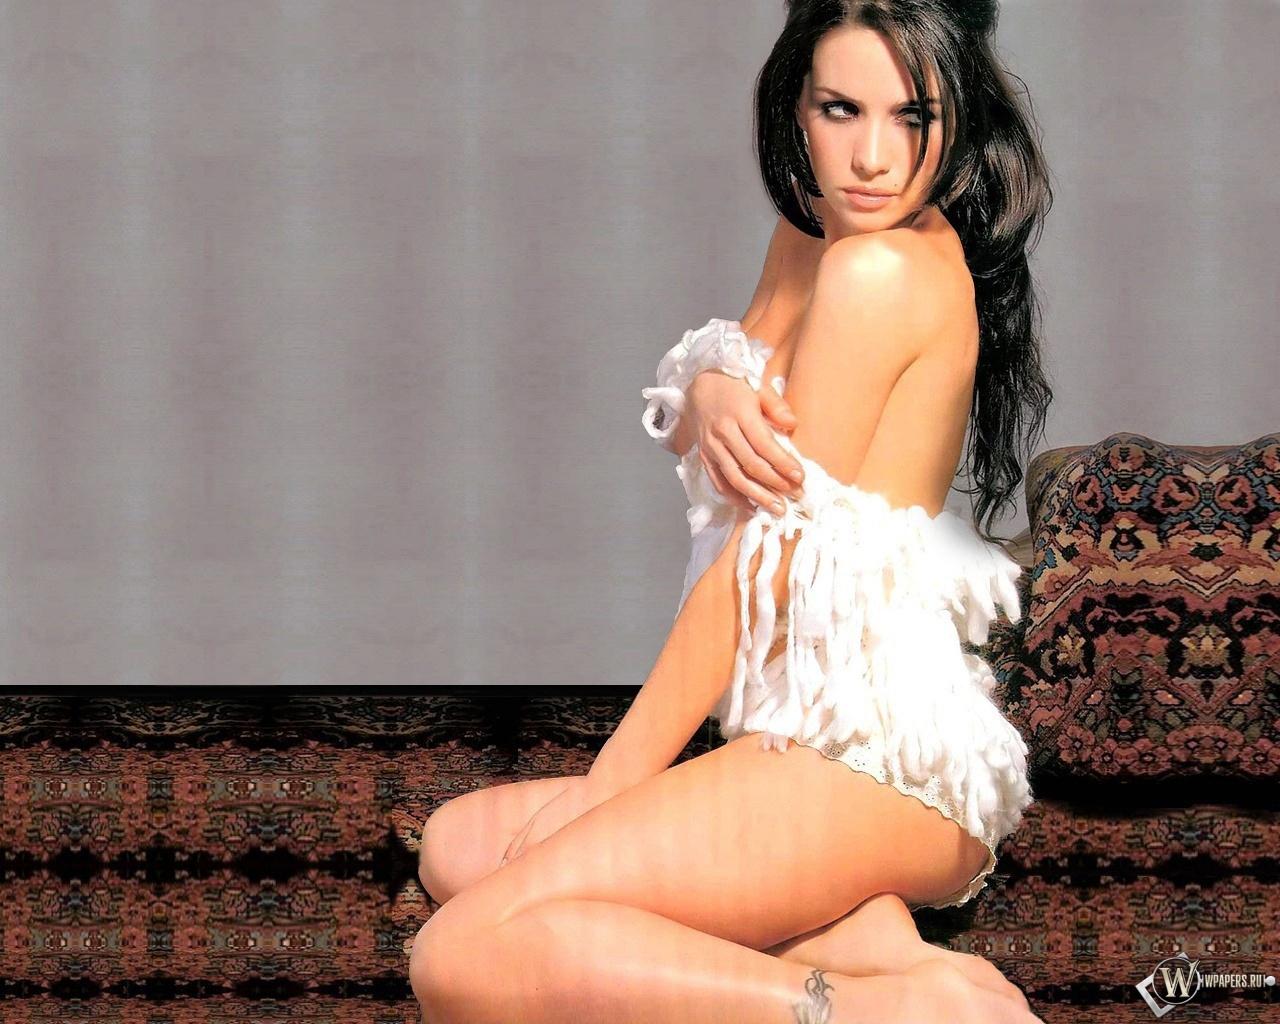 Наталия Орейро 1280x1024